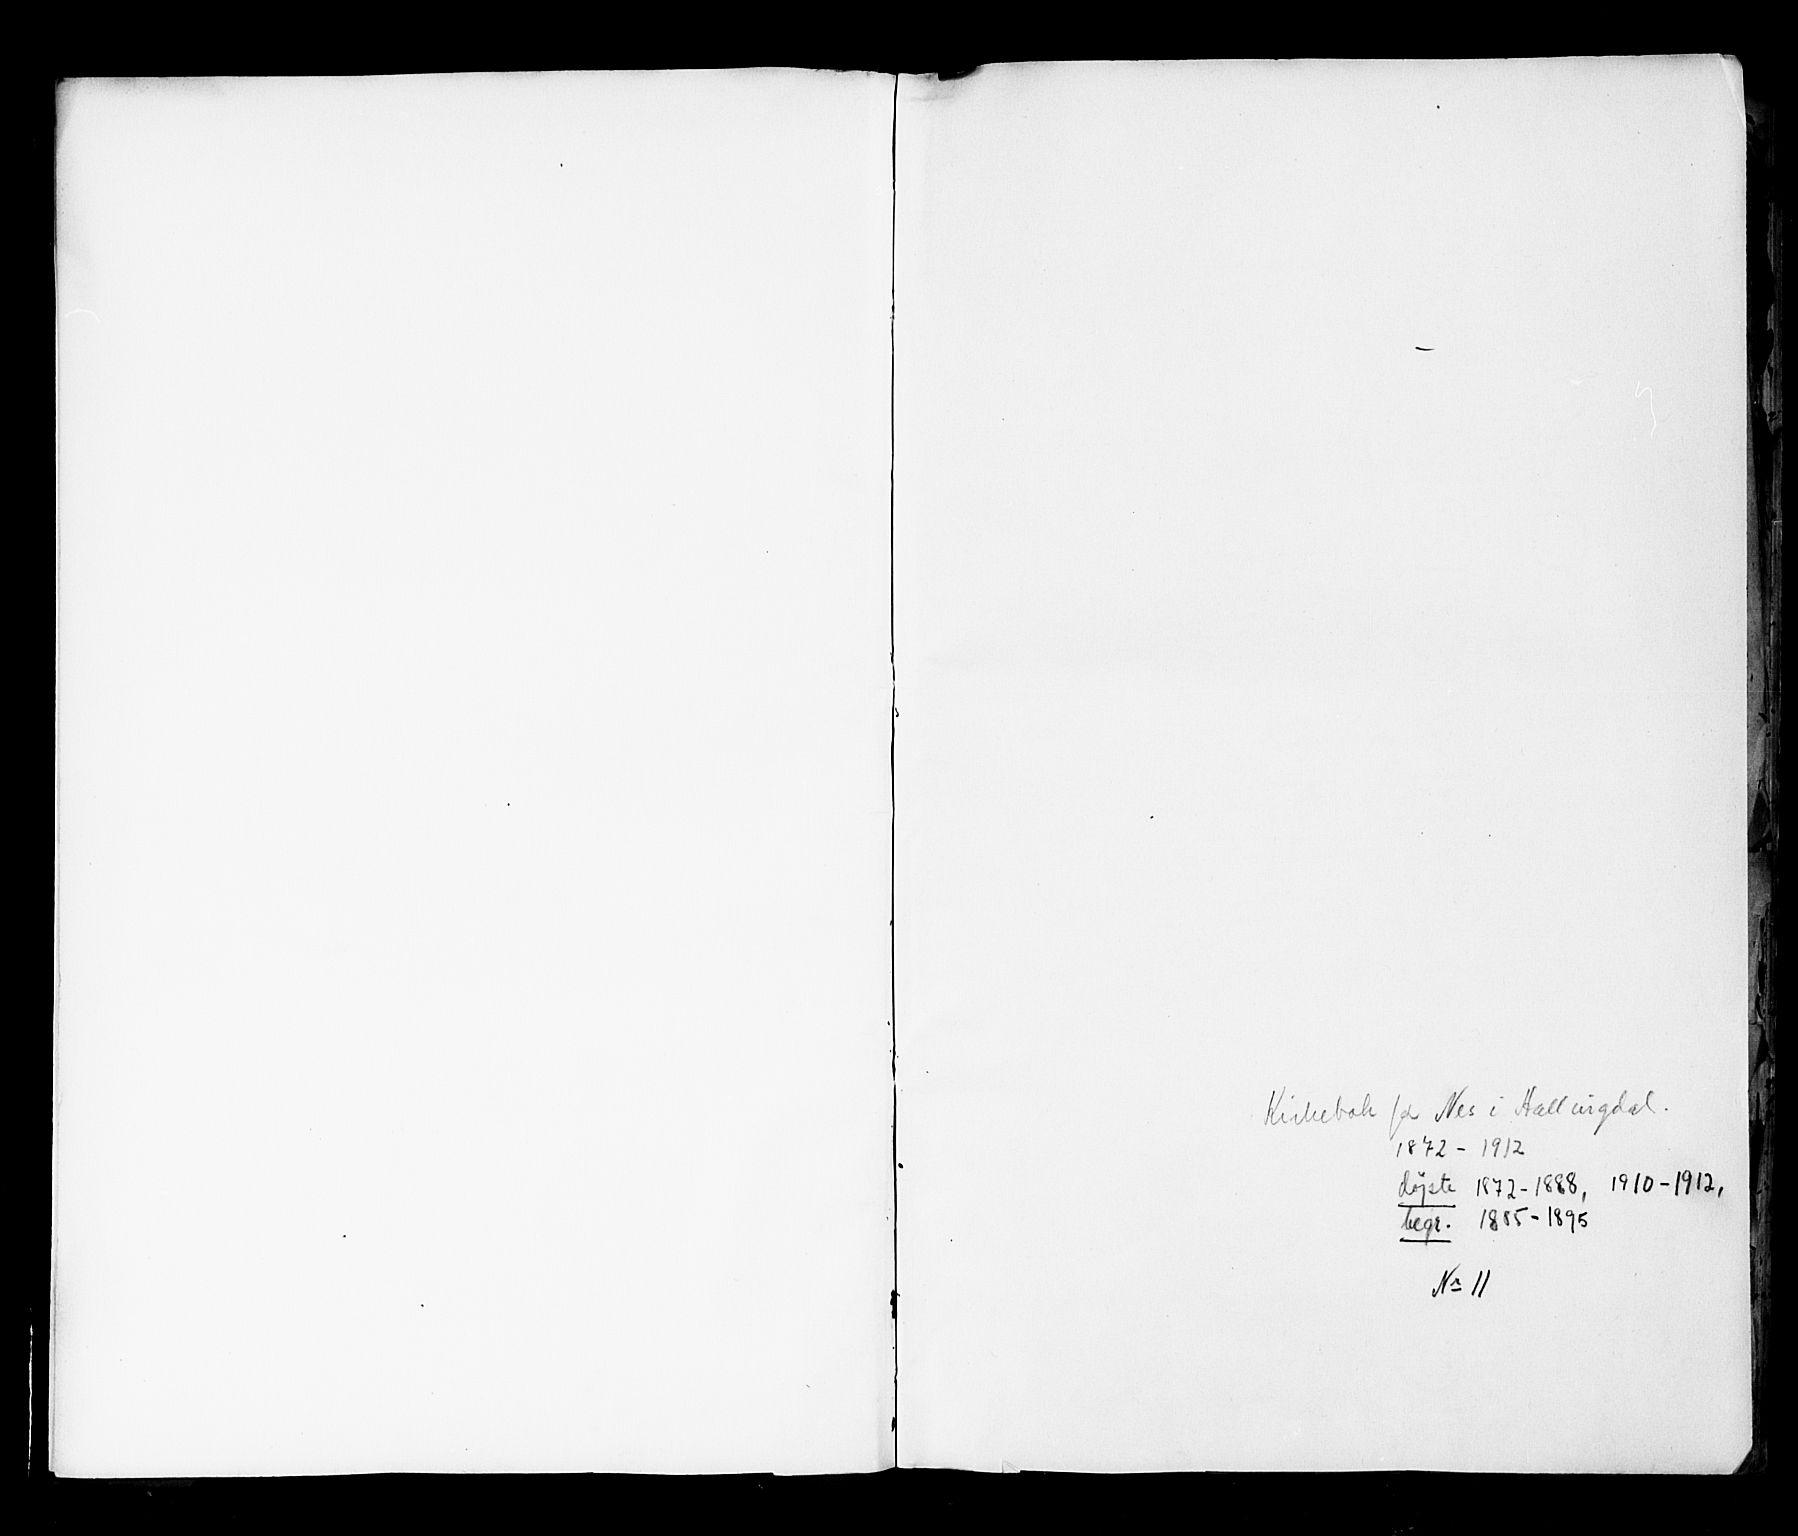 SAKO, Nes kirkebøker, G/Ga/L0002: Klokkerbok nr. I 2, 1872-1912